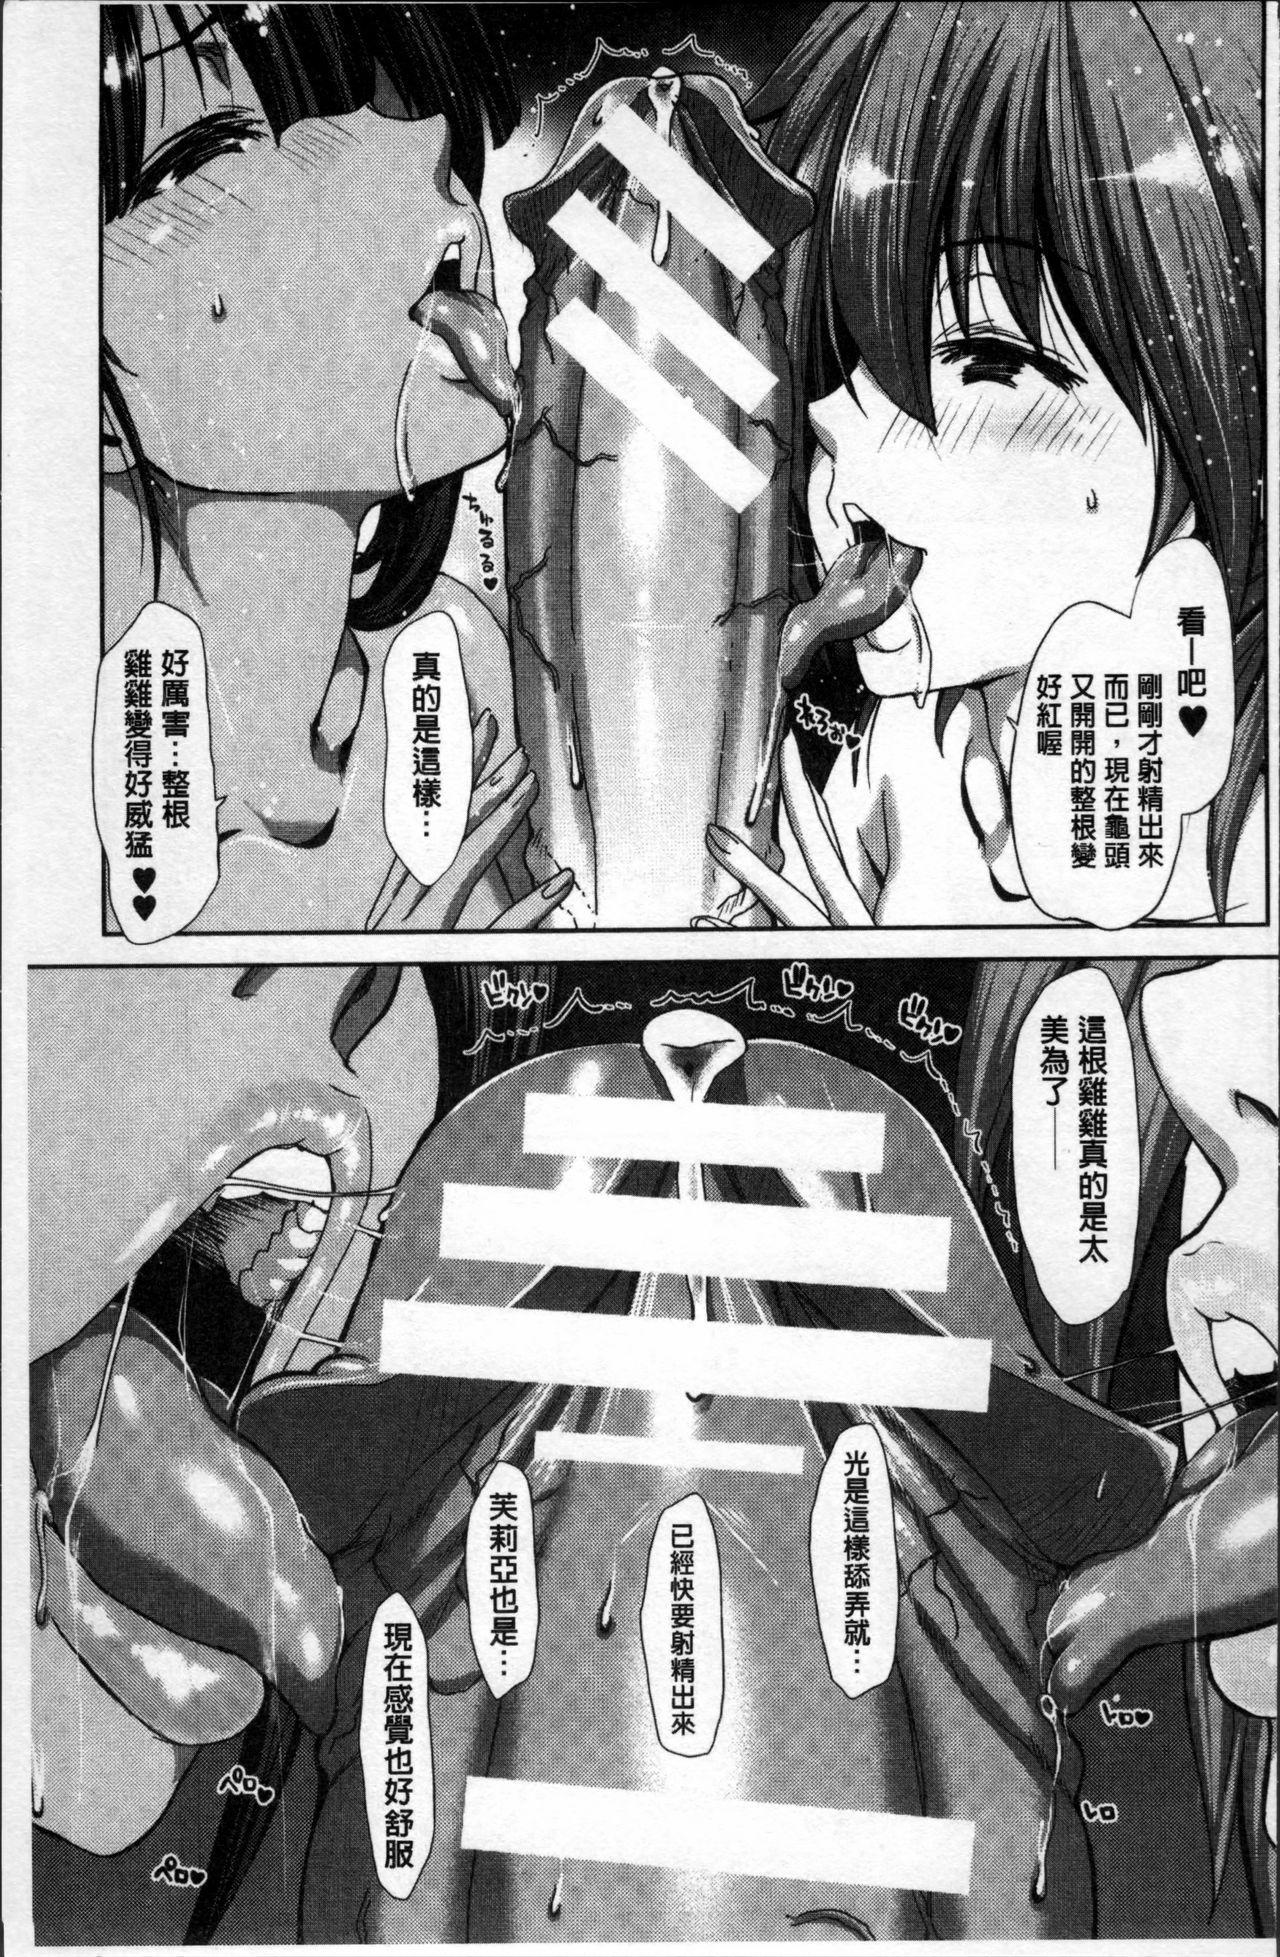 Imouto dakedo Oniichan, H Shiyo! H Shiyo! H Shiyou yo! 125